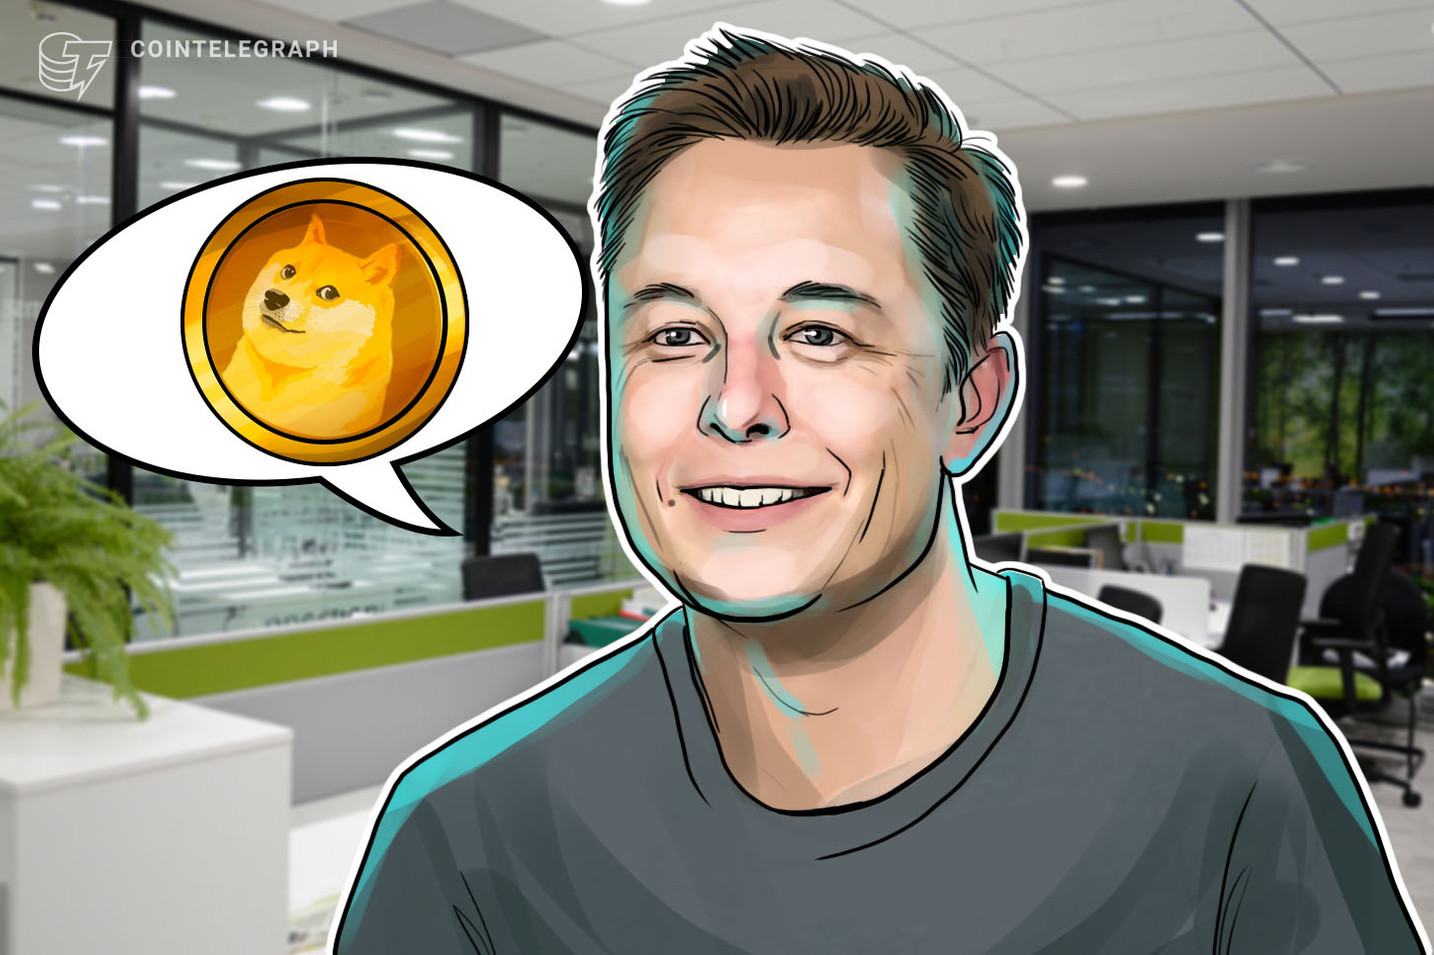 Elon Musk'ın gönderisinin ardından DOGE harekete geçti!